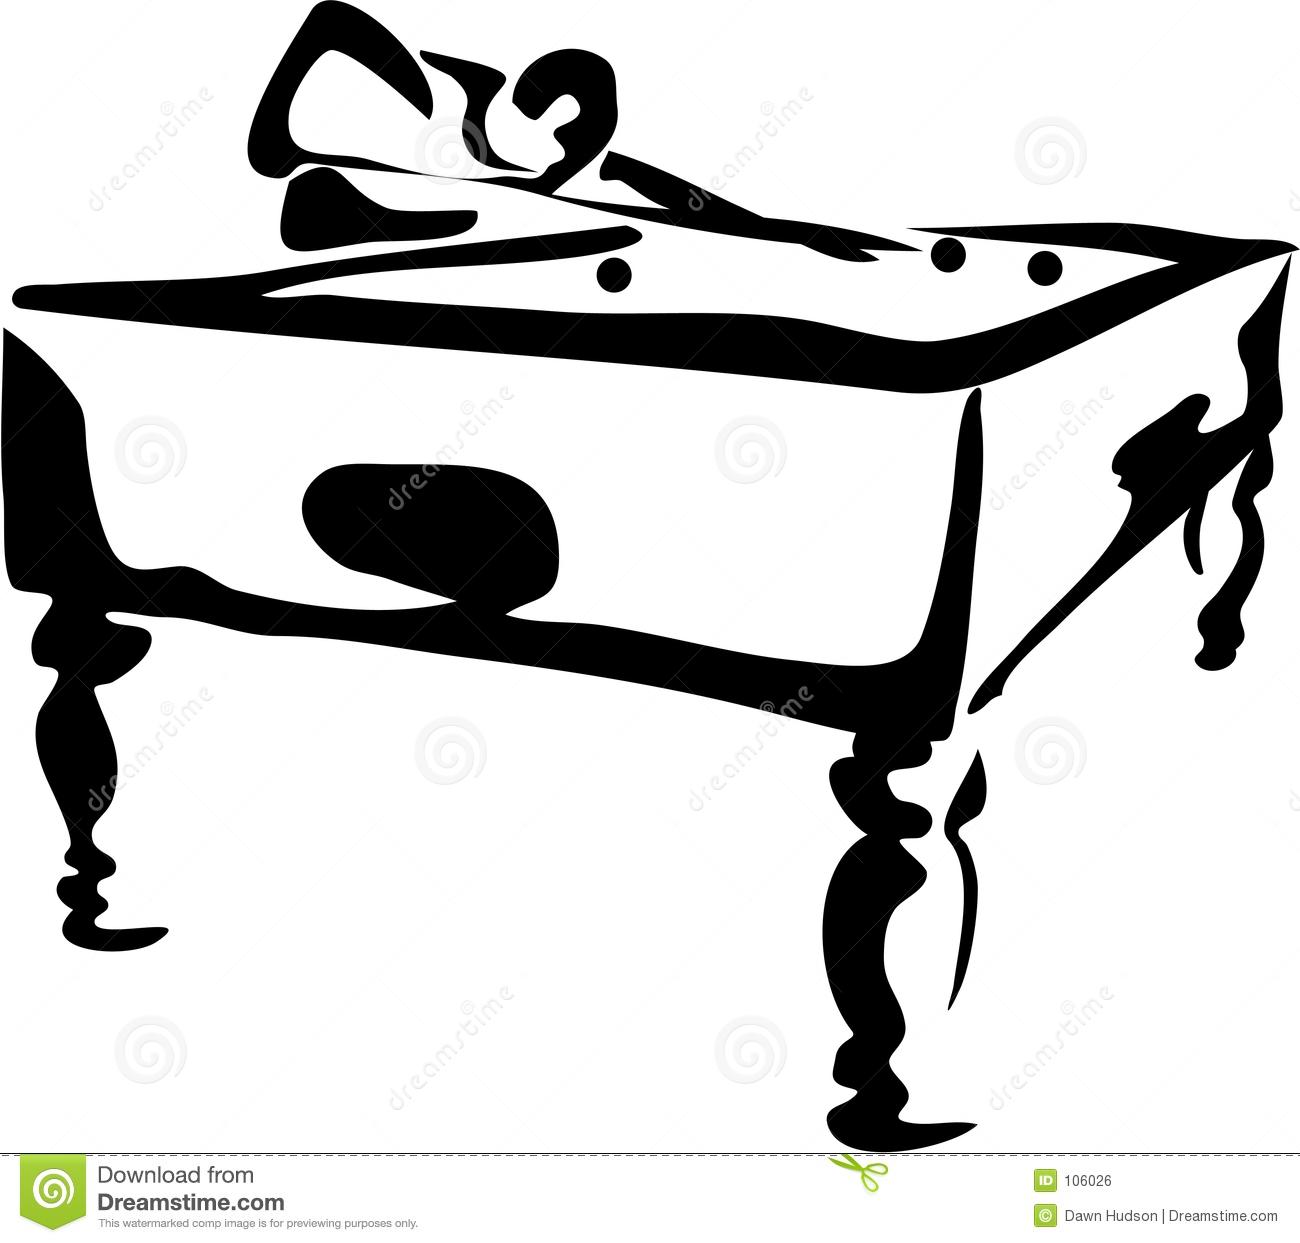 Billiards black and white clipart